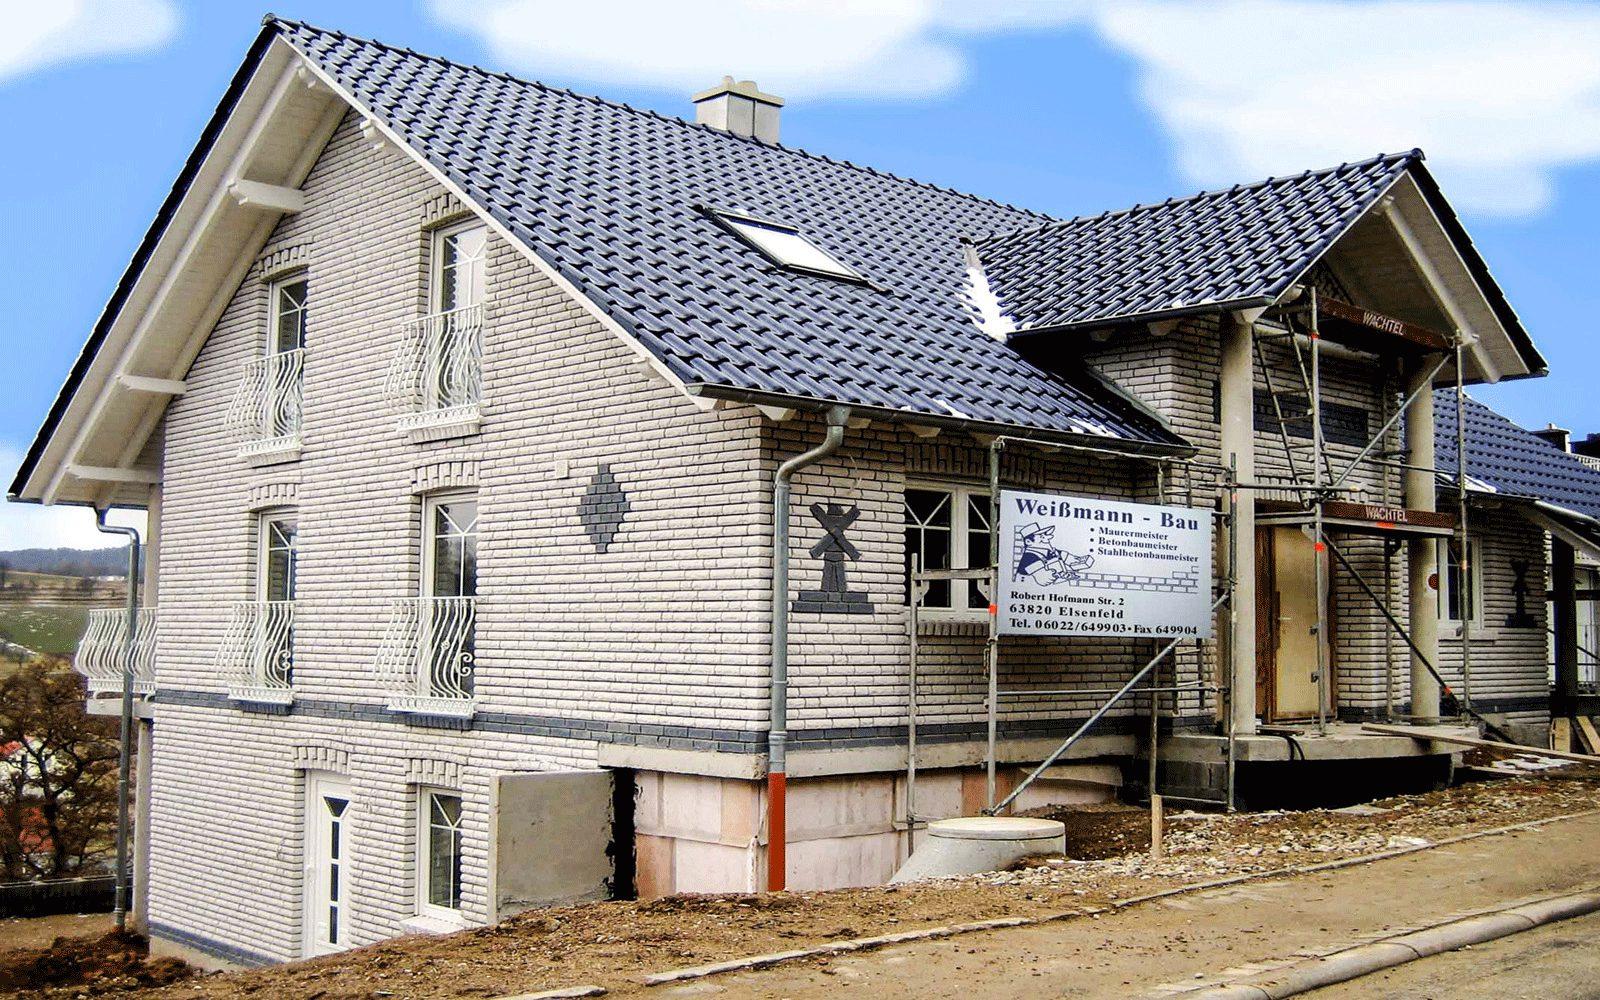 2005-Moemlingen-Feller-1600x1100-e1466626011490